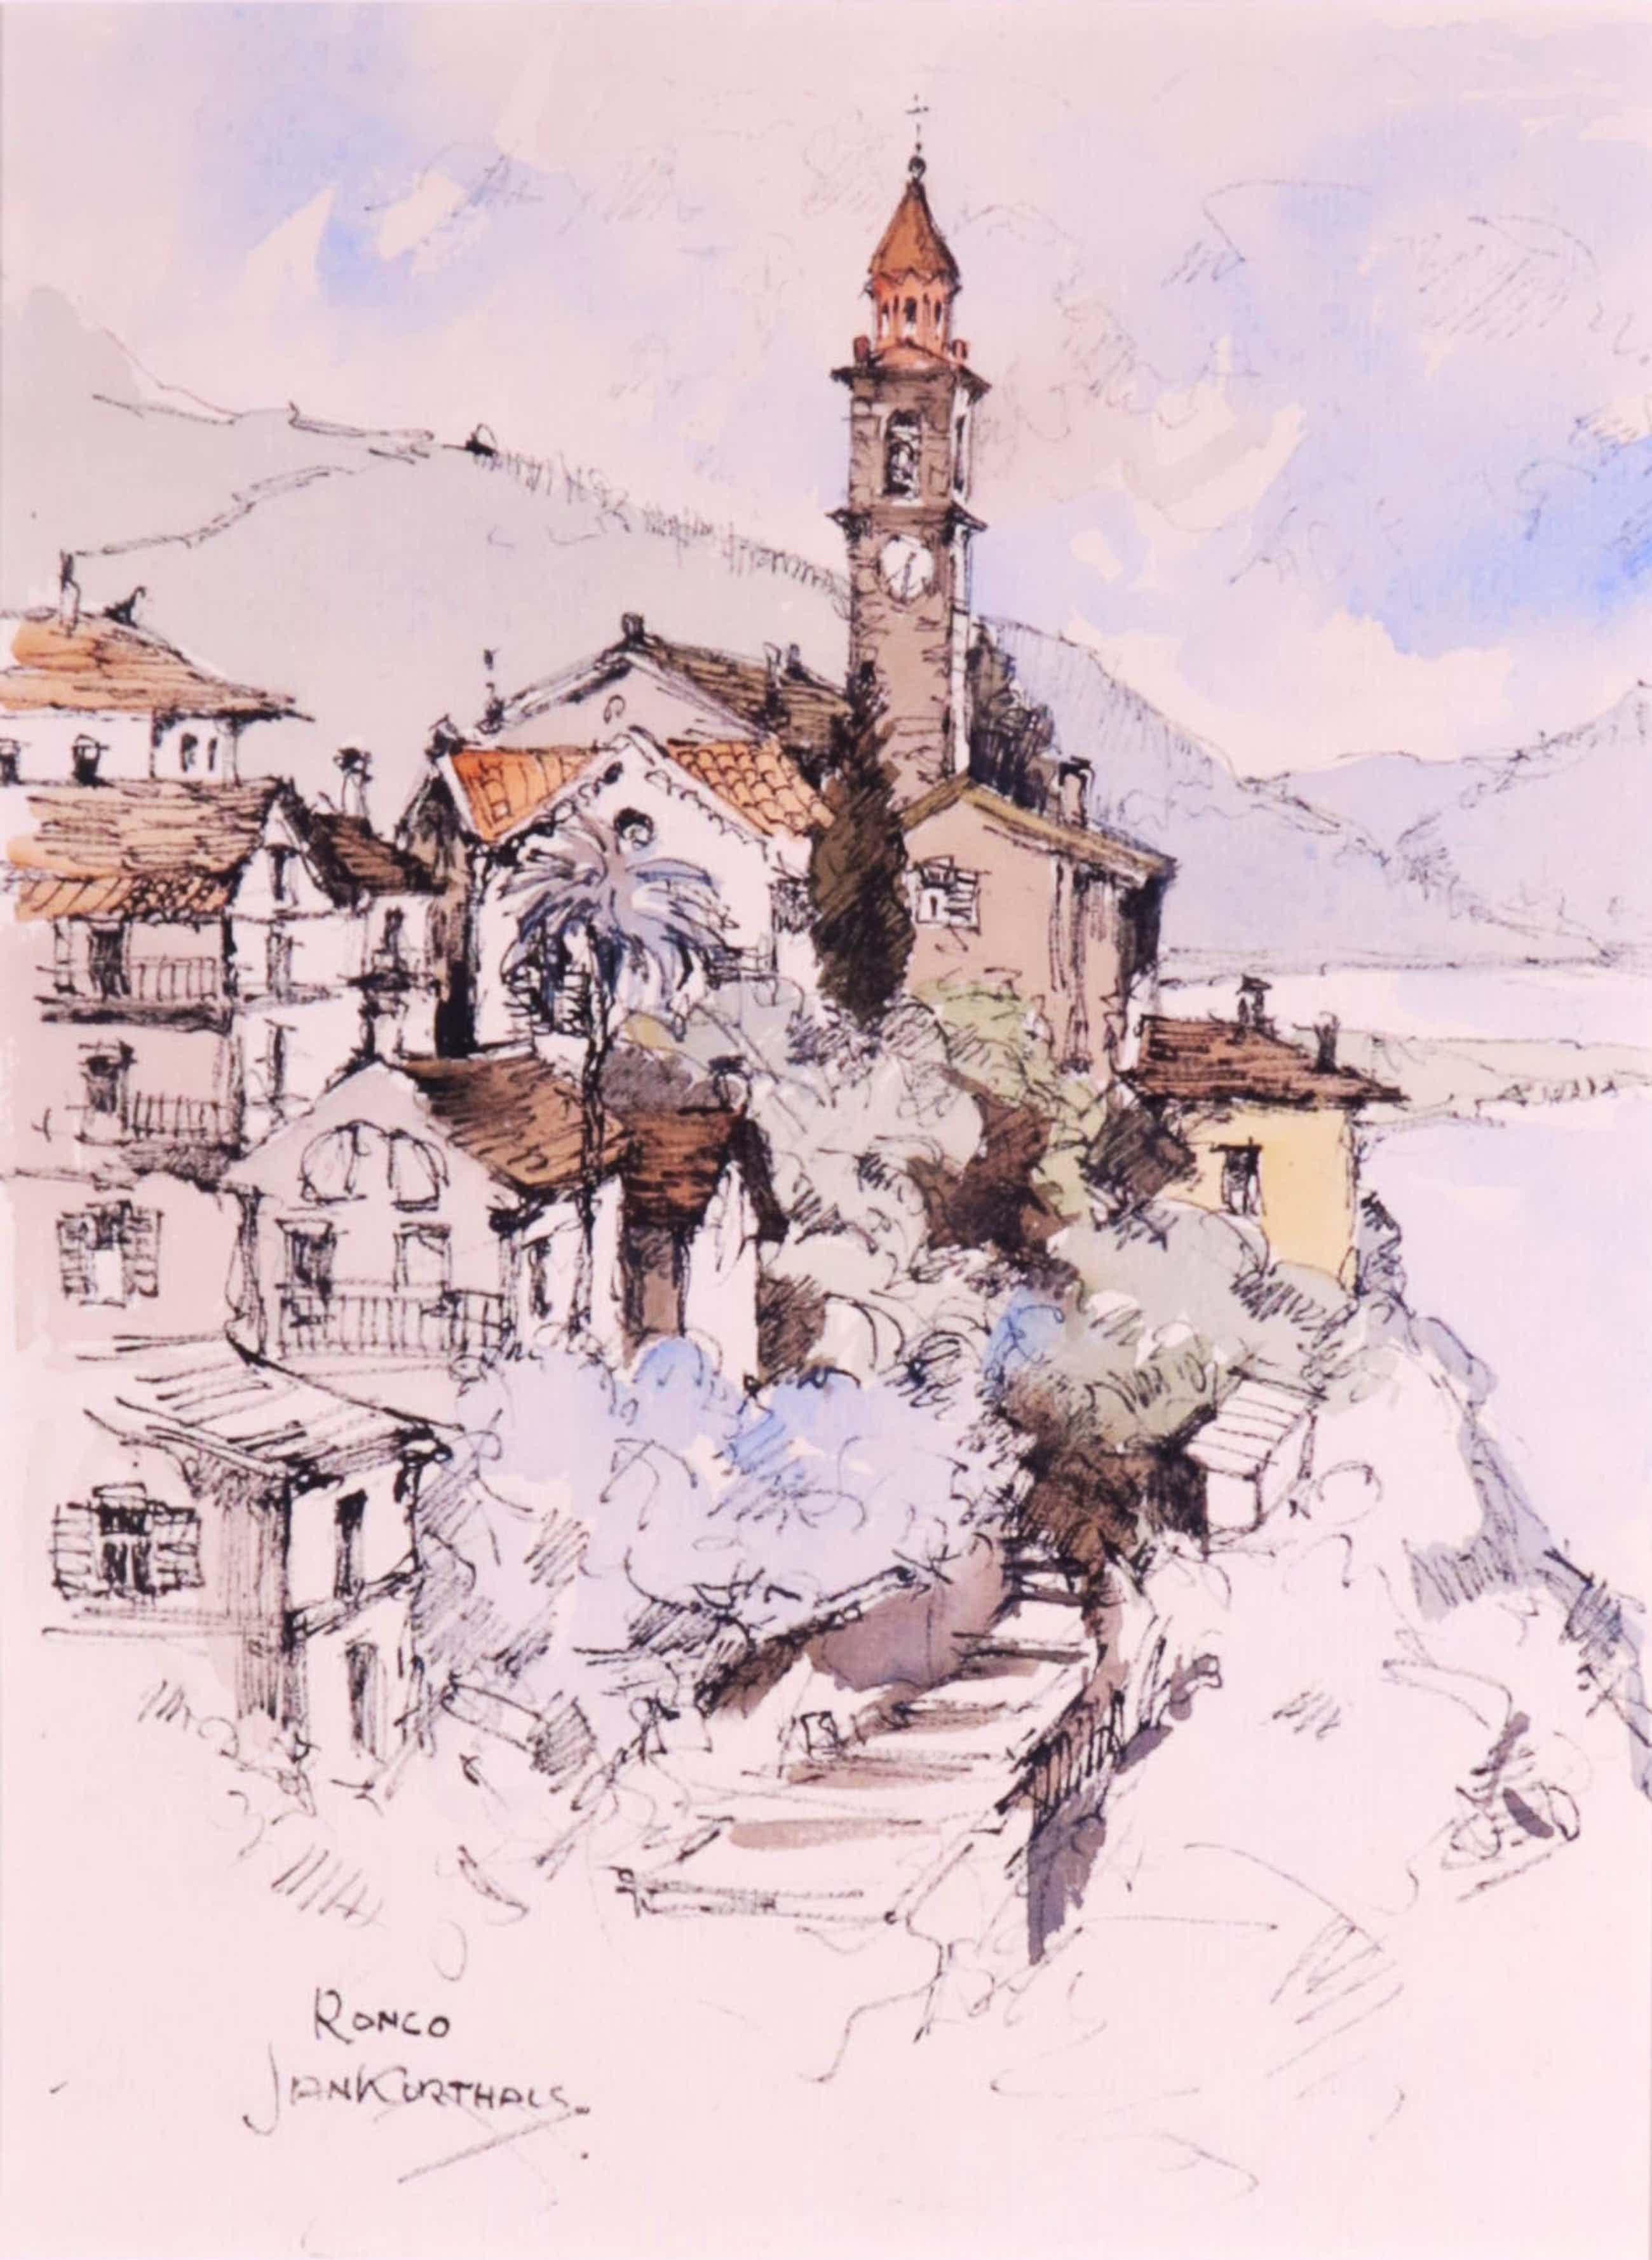 Jan Korthals - Inkttekening en aquarel, Ronco kopen? Bied vanaf 75!